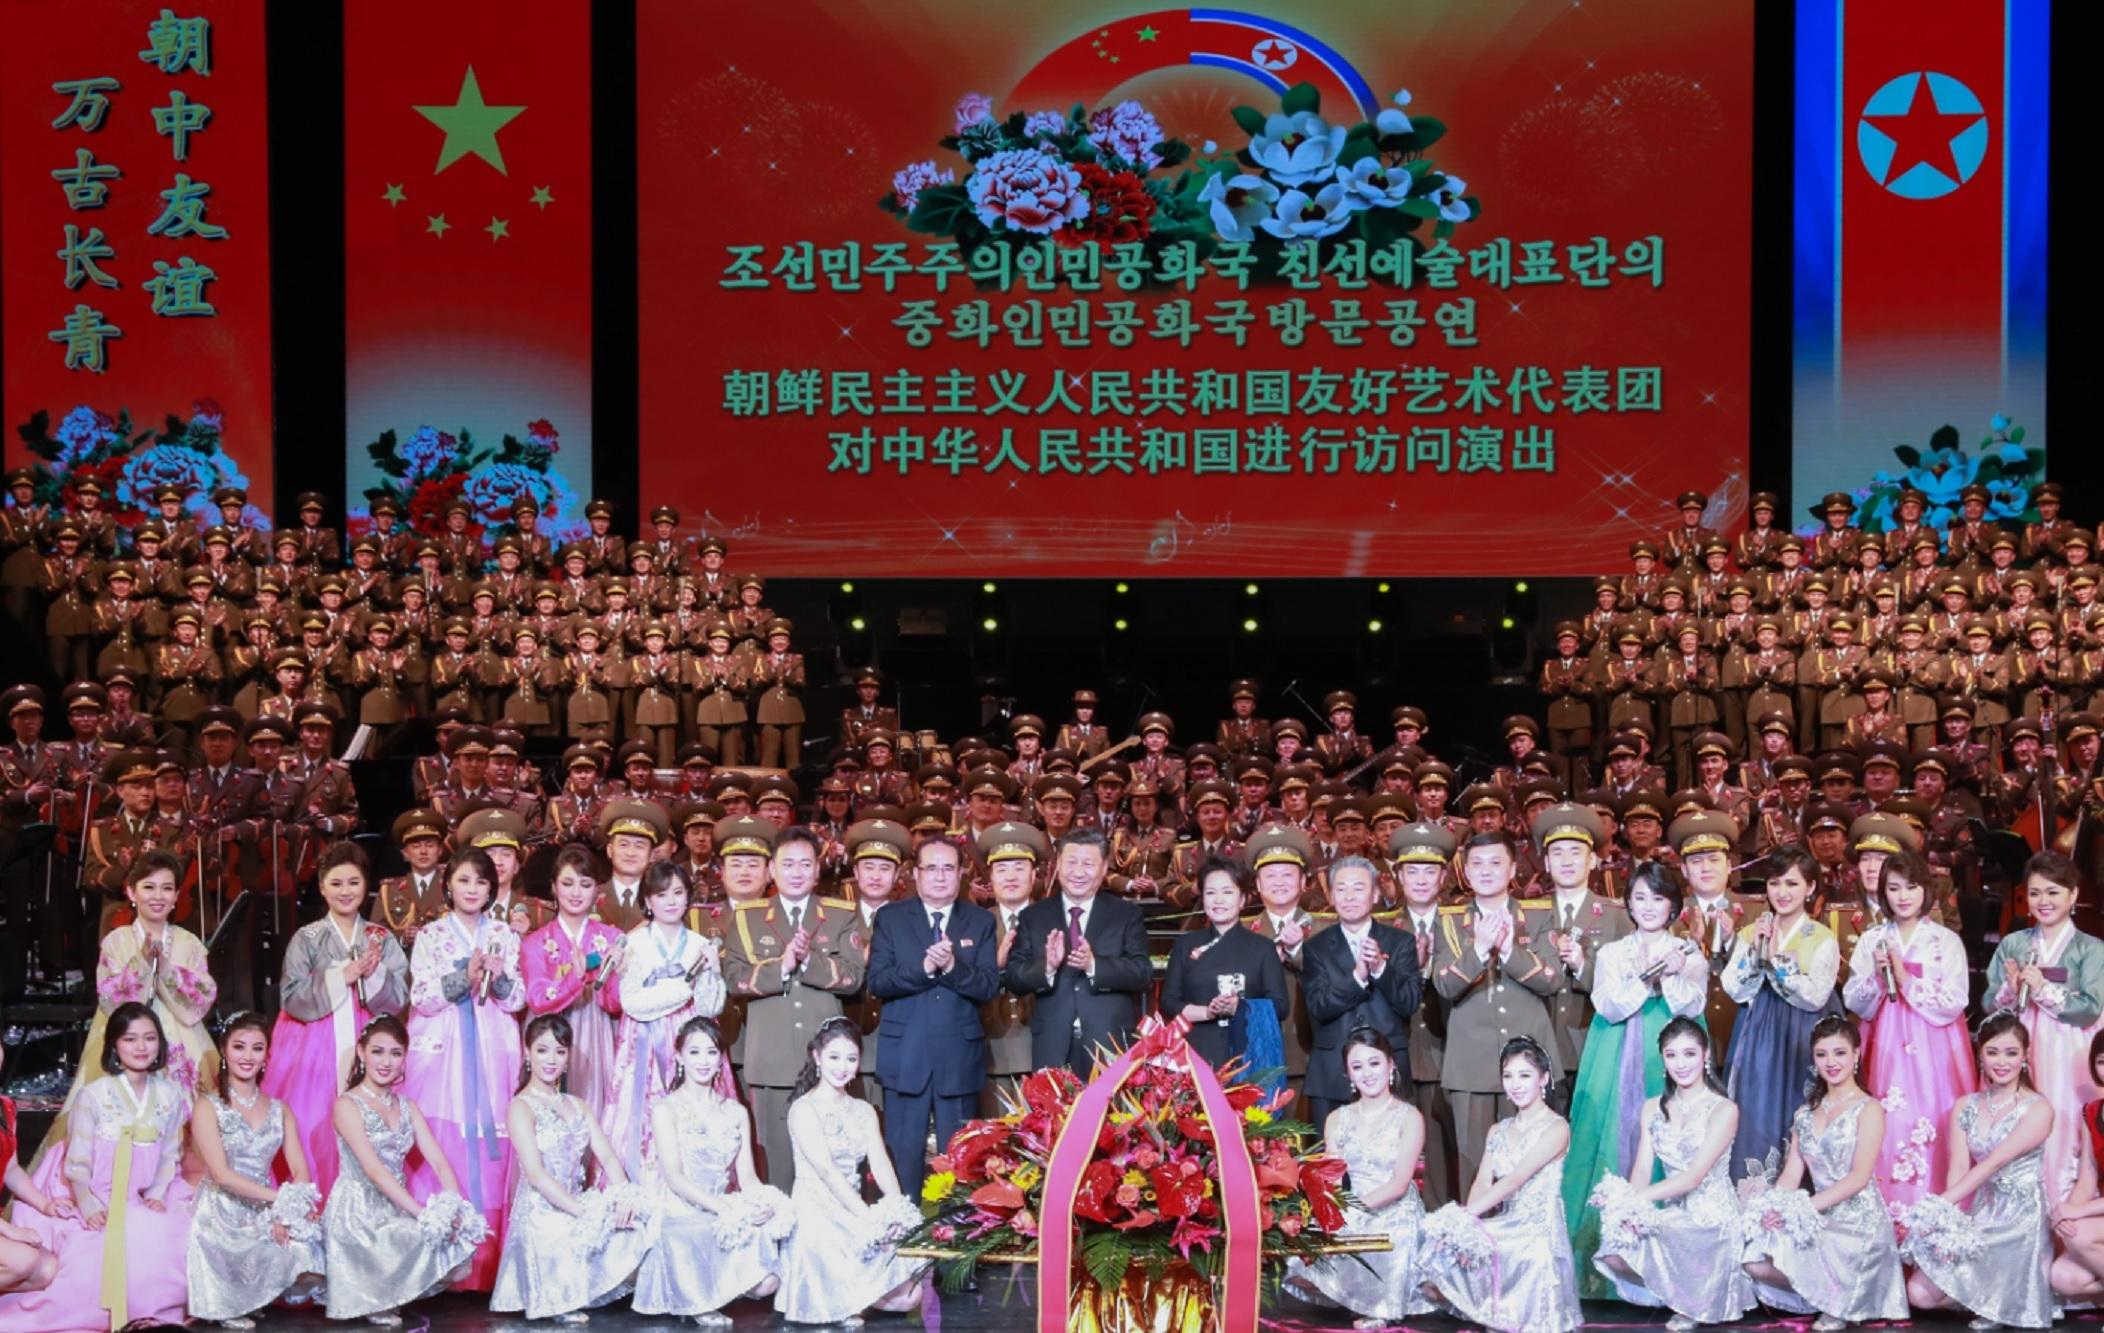 习近平和彭丽媛会见李洙墉并观看朝鲜友好艺术团演出